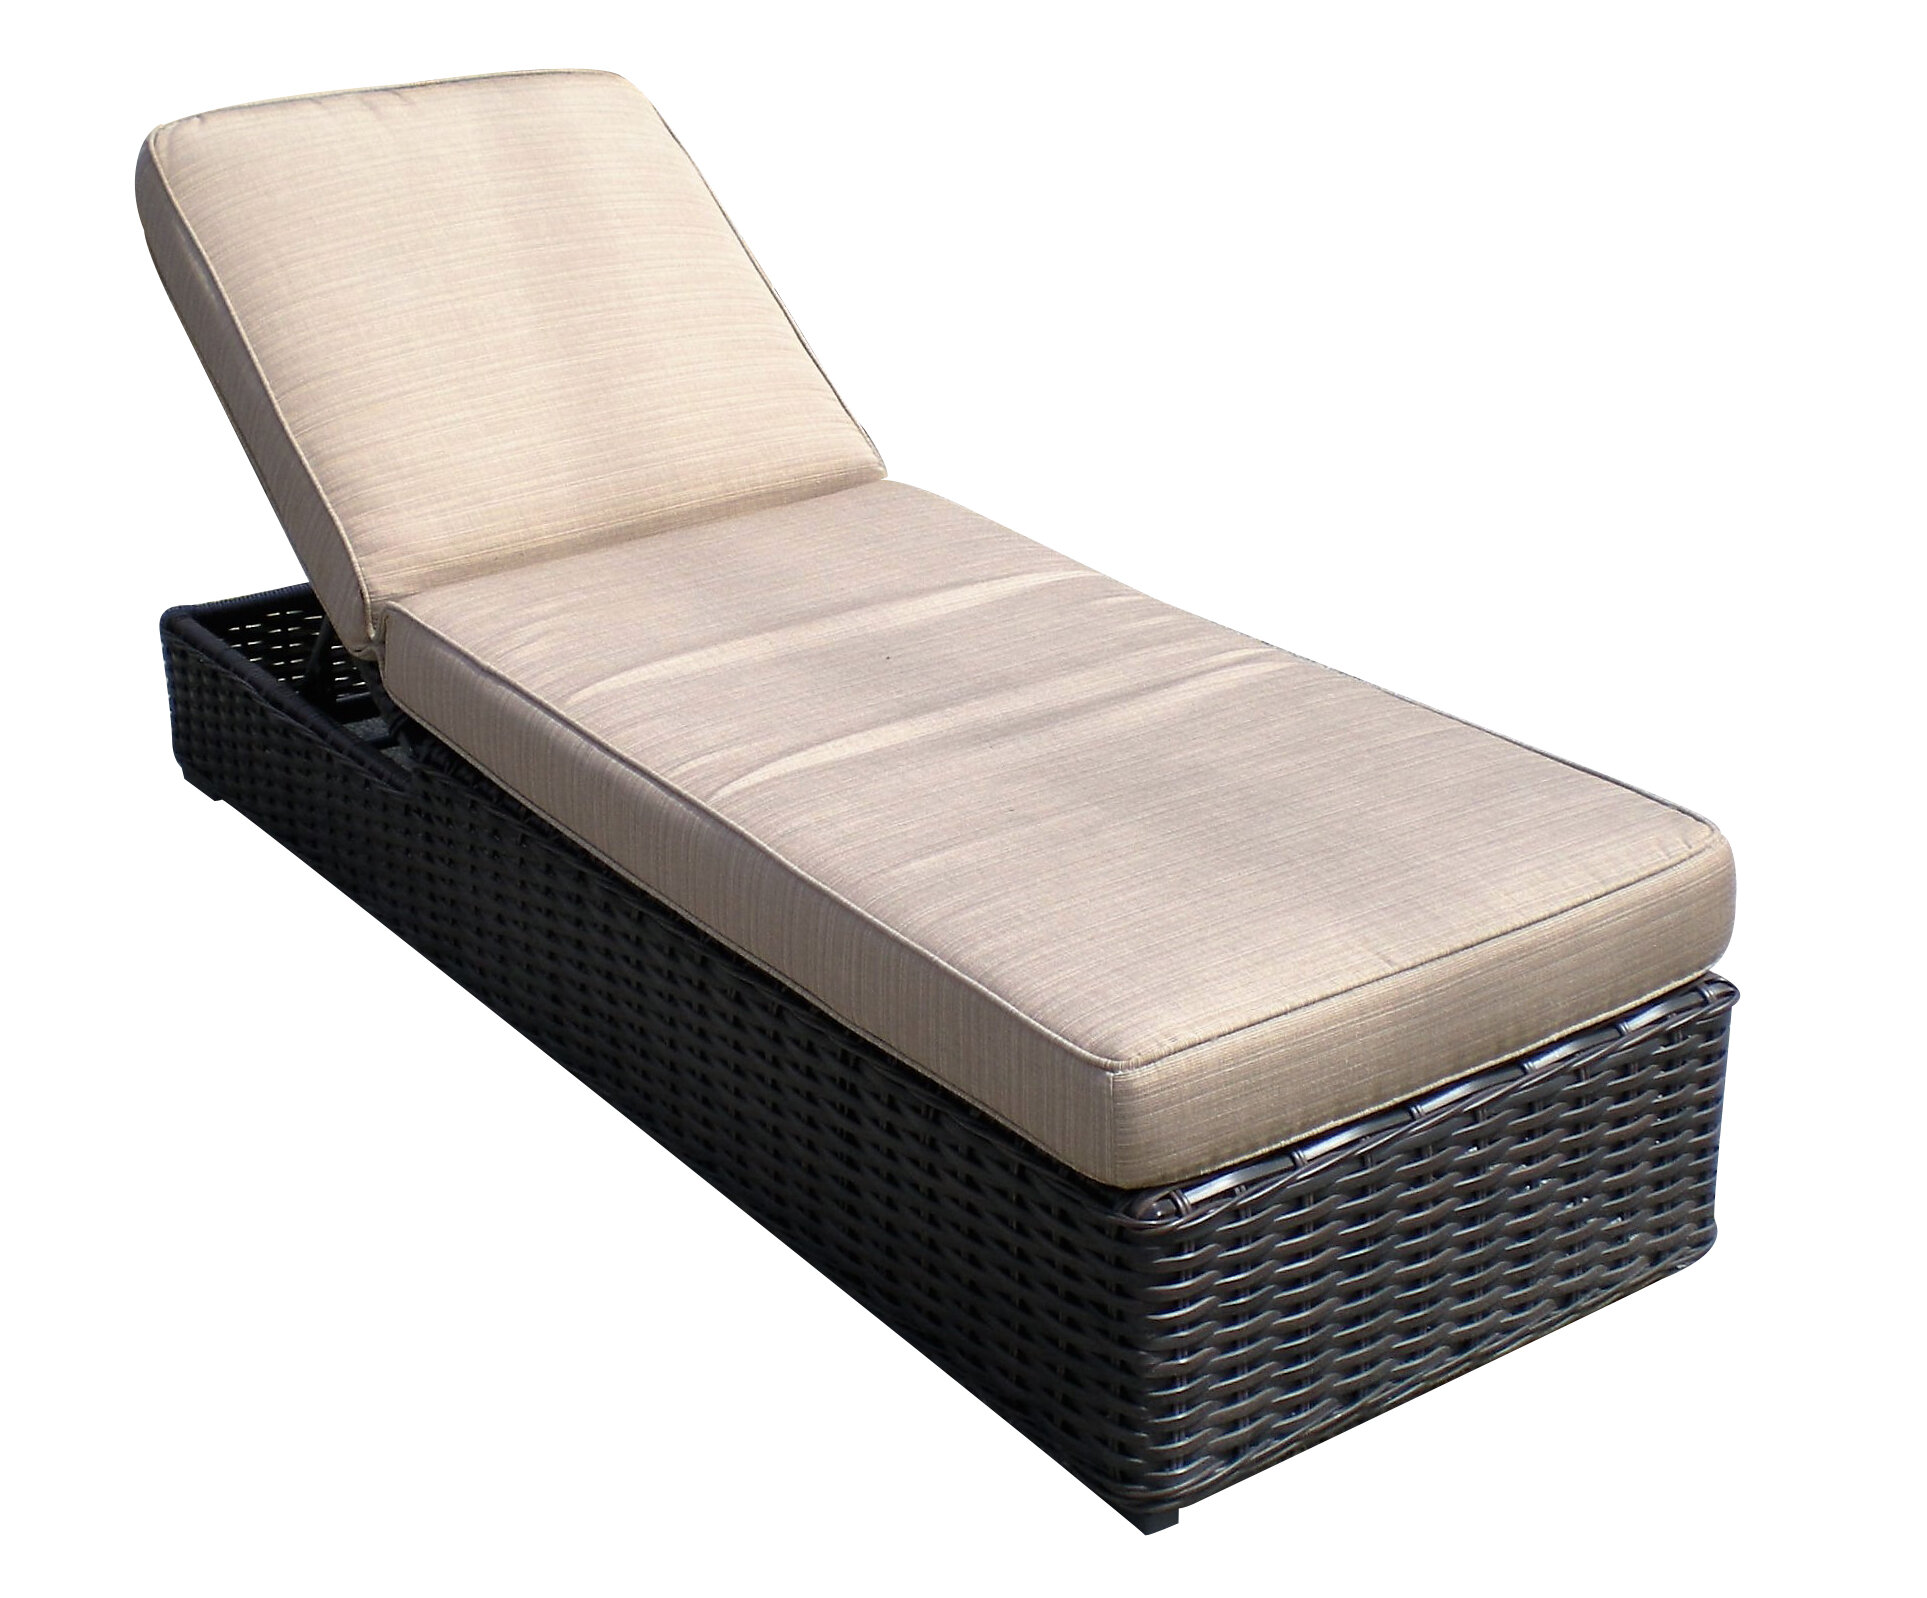 Cushion Lounge Monica Santa Chaise With N8nOPkXZ0w